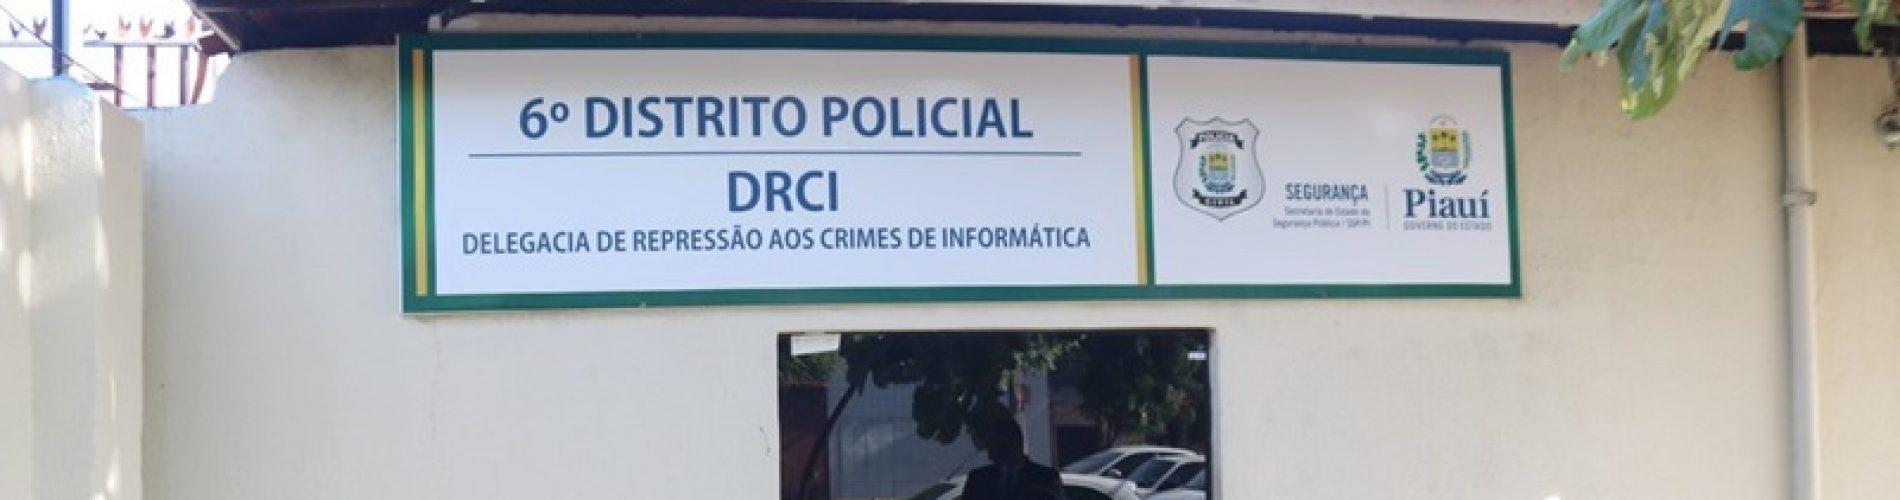 PI | Polícia deflagra operação contra golpes na internet e associação criminosae prende 3 pessoas